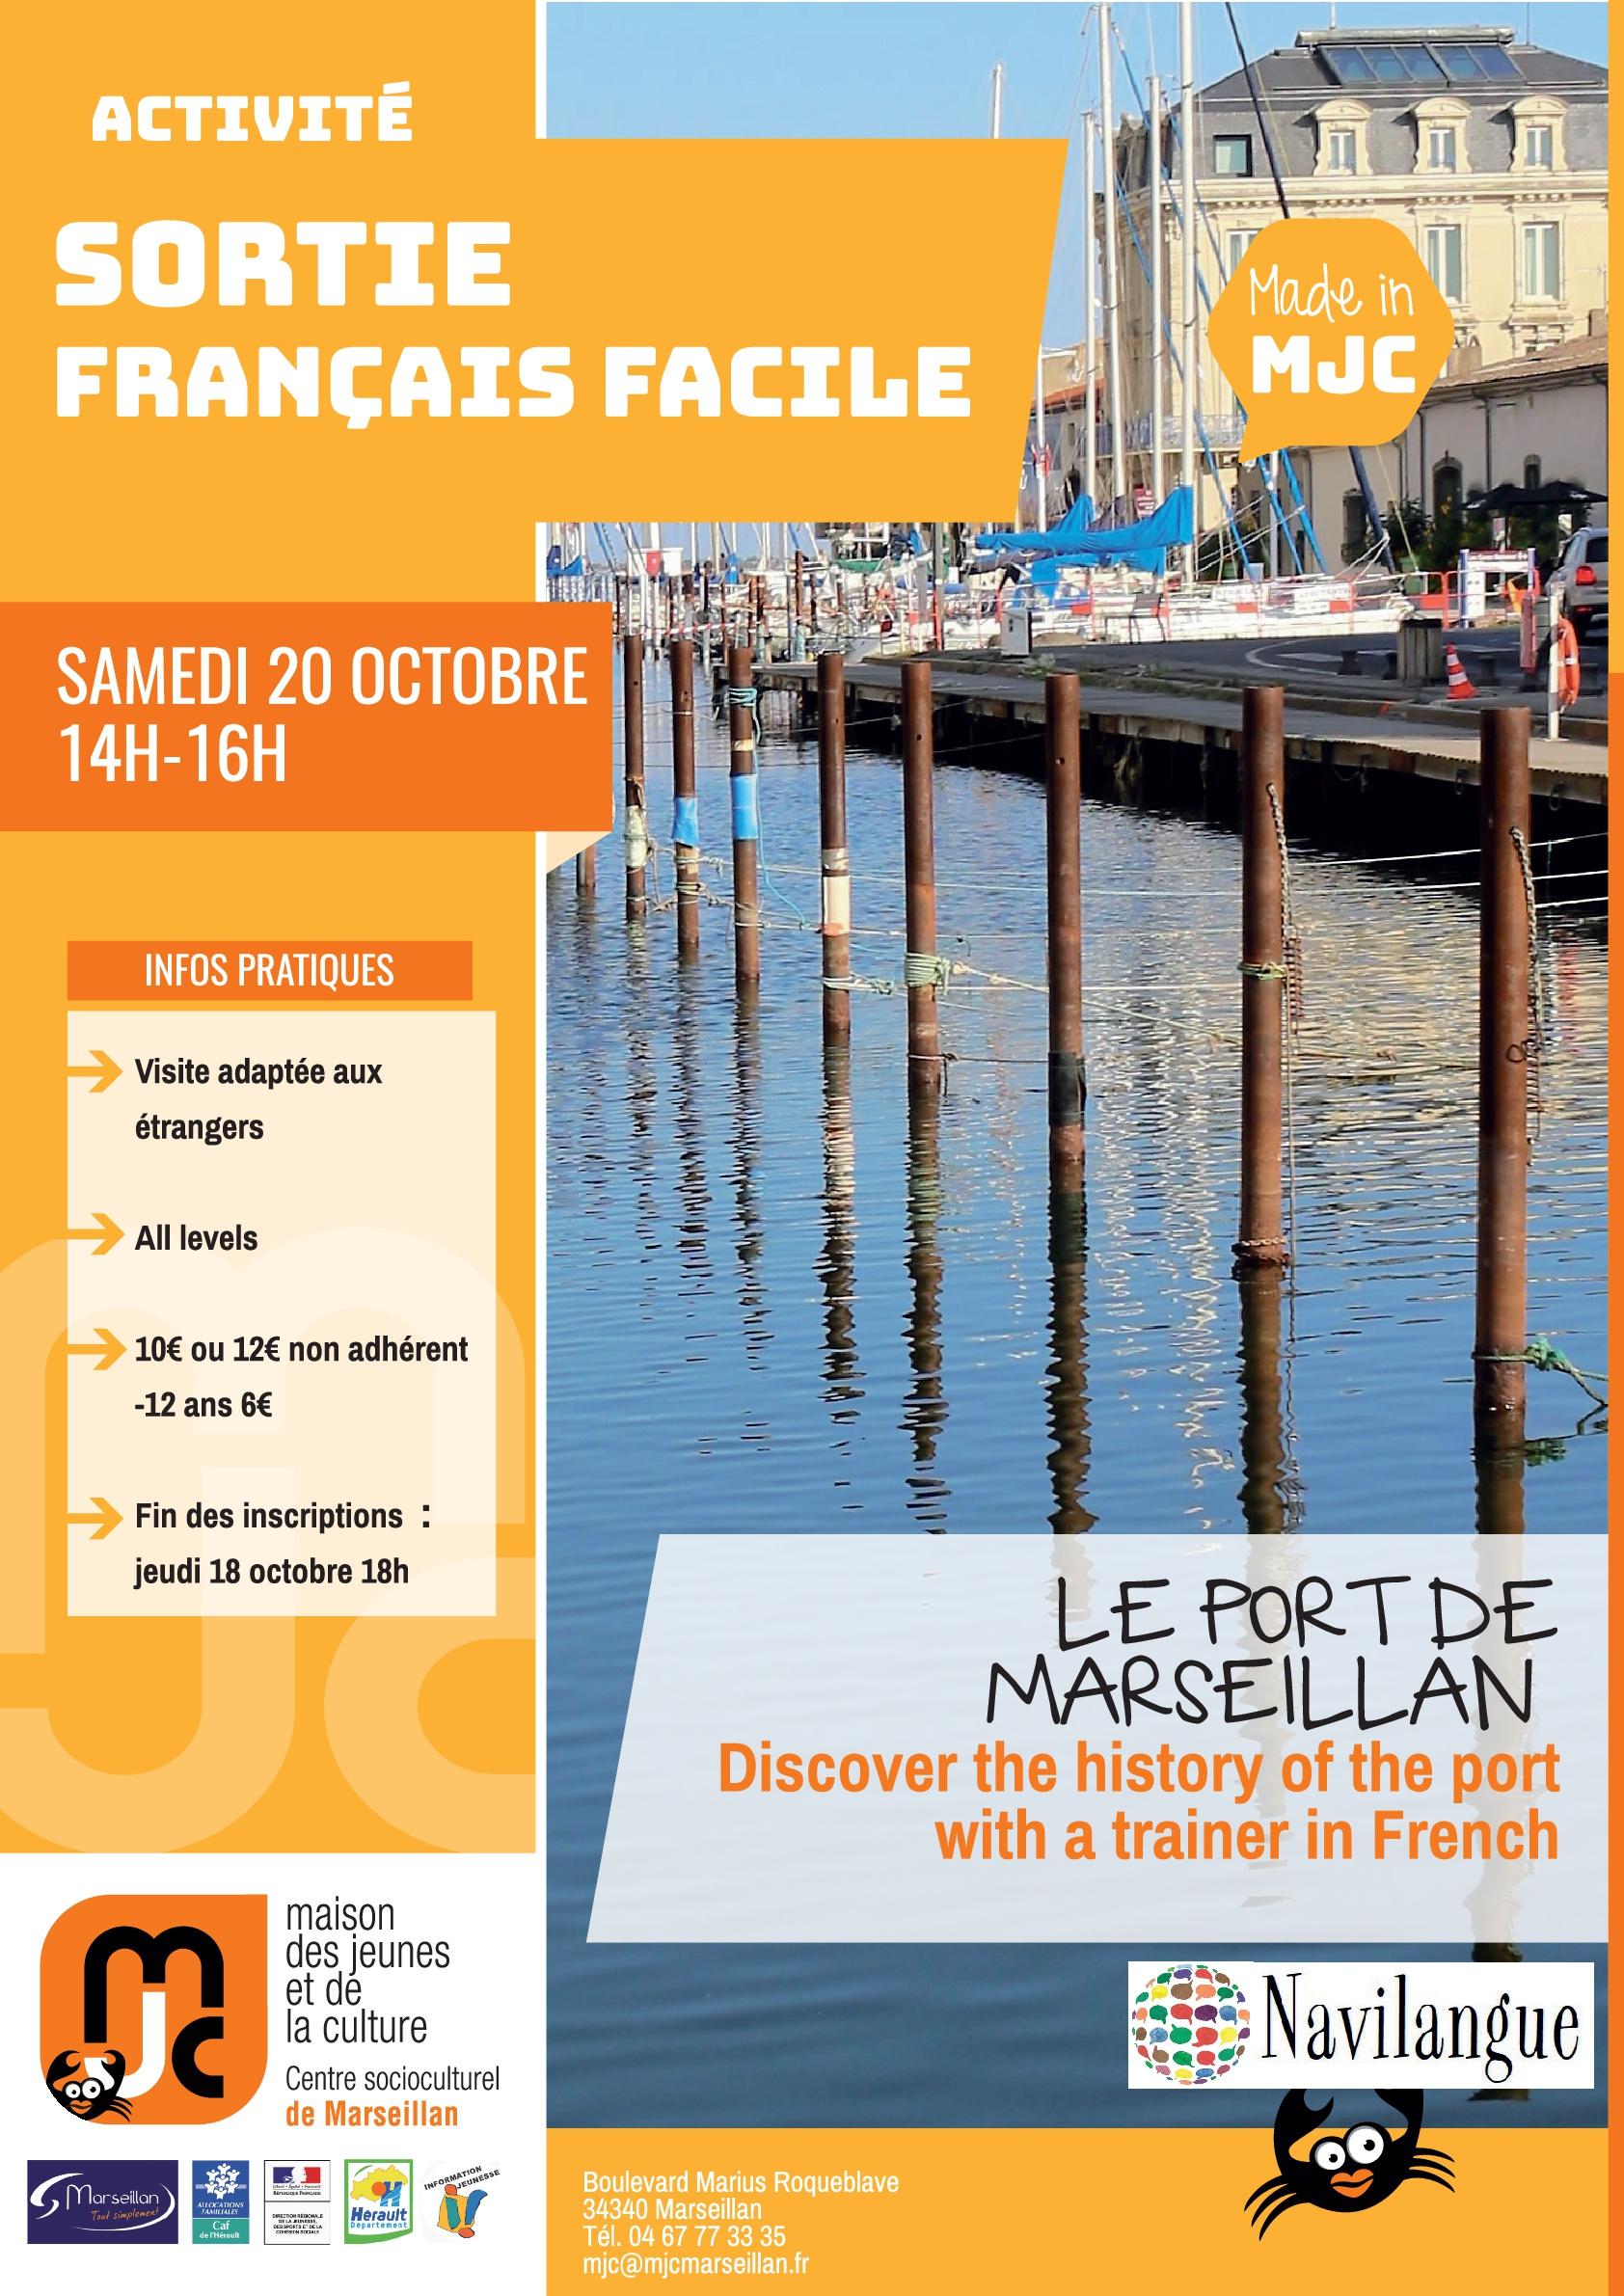 Samedi 20 octobre 2018 : sortie français facile